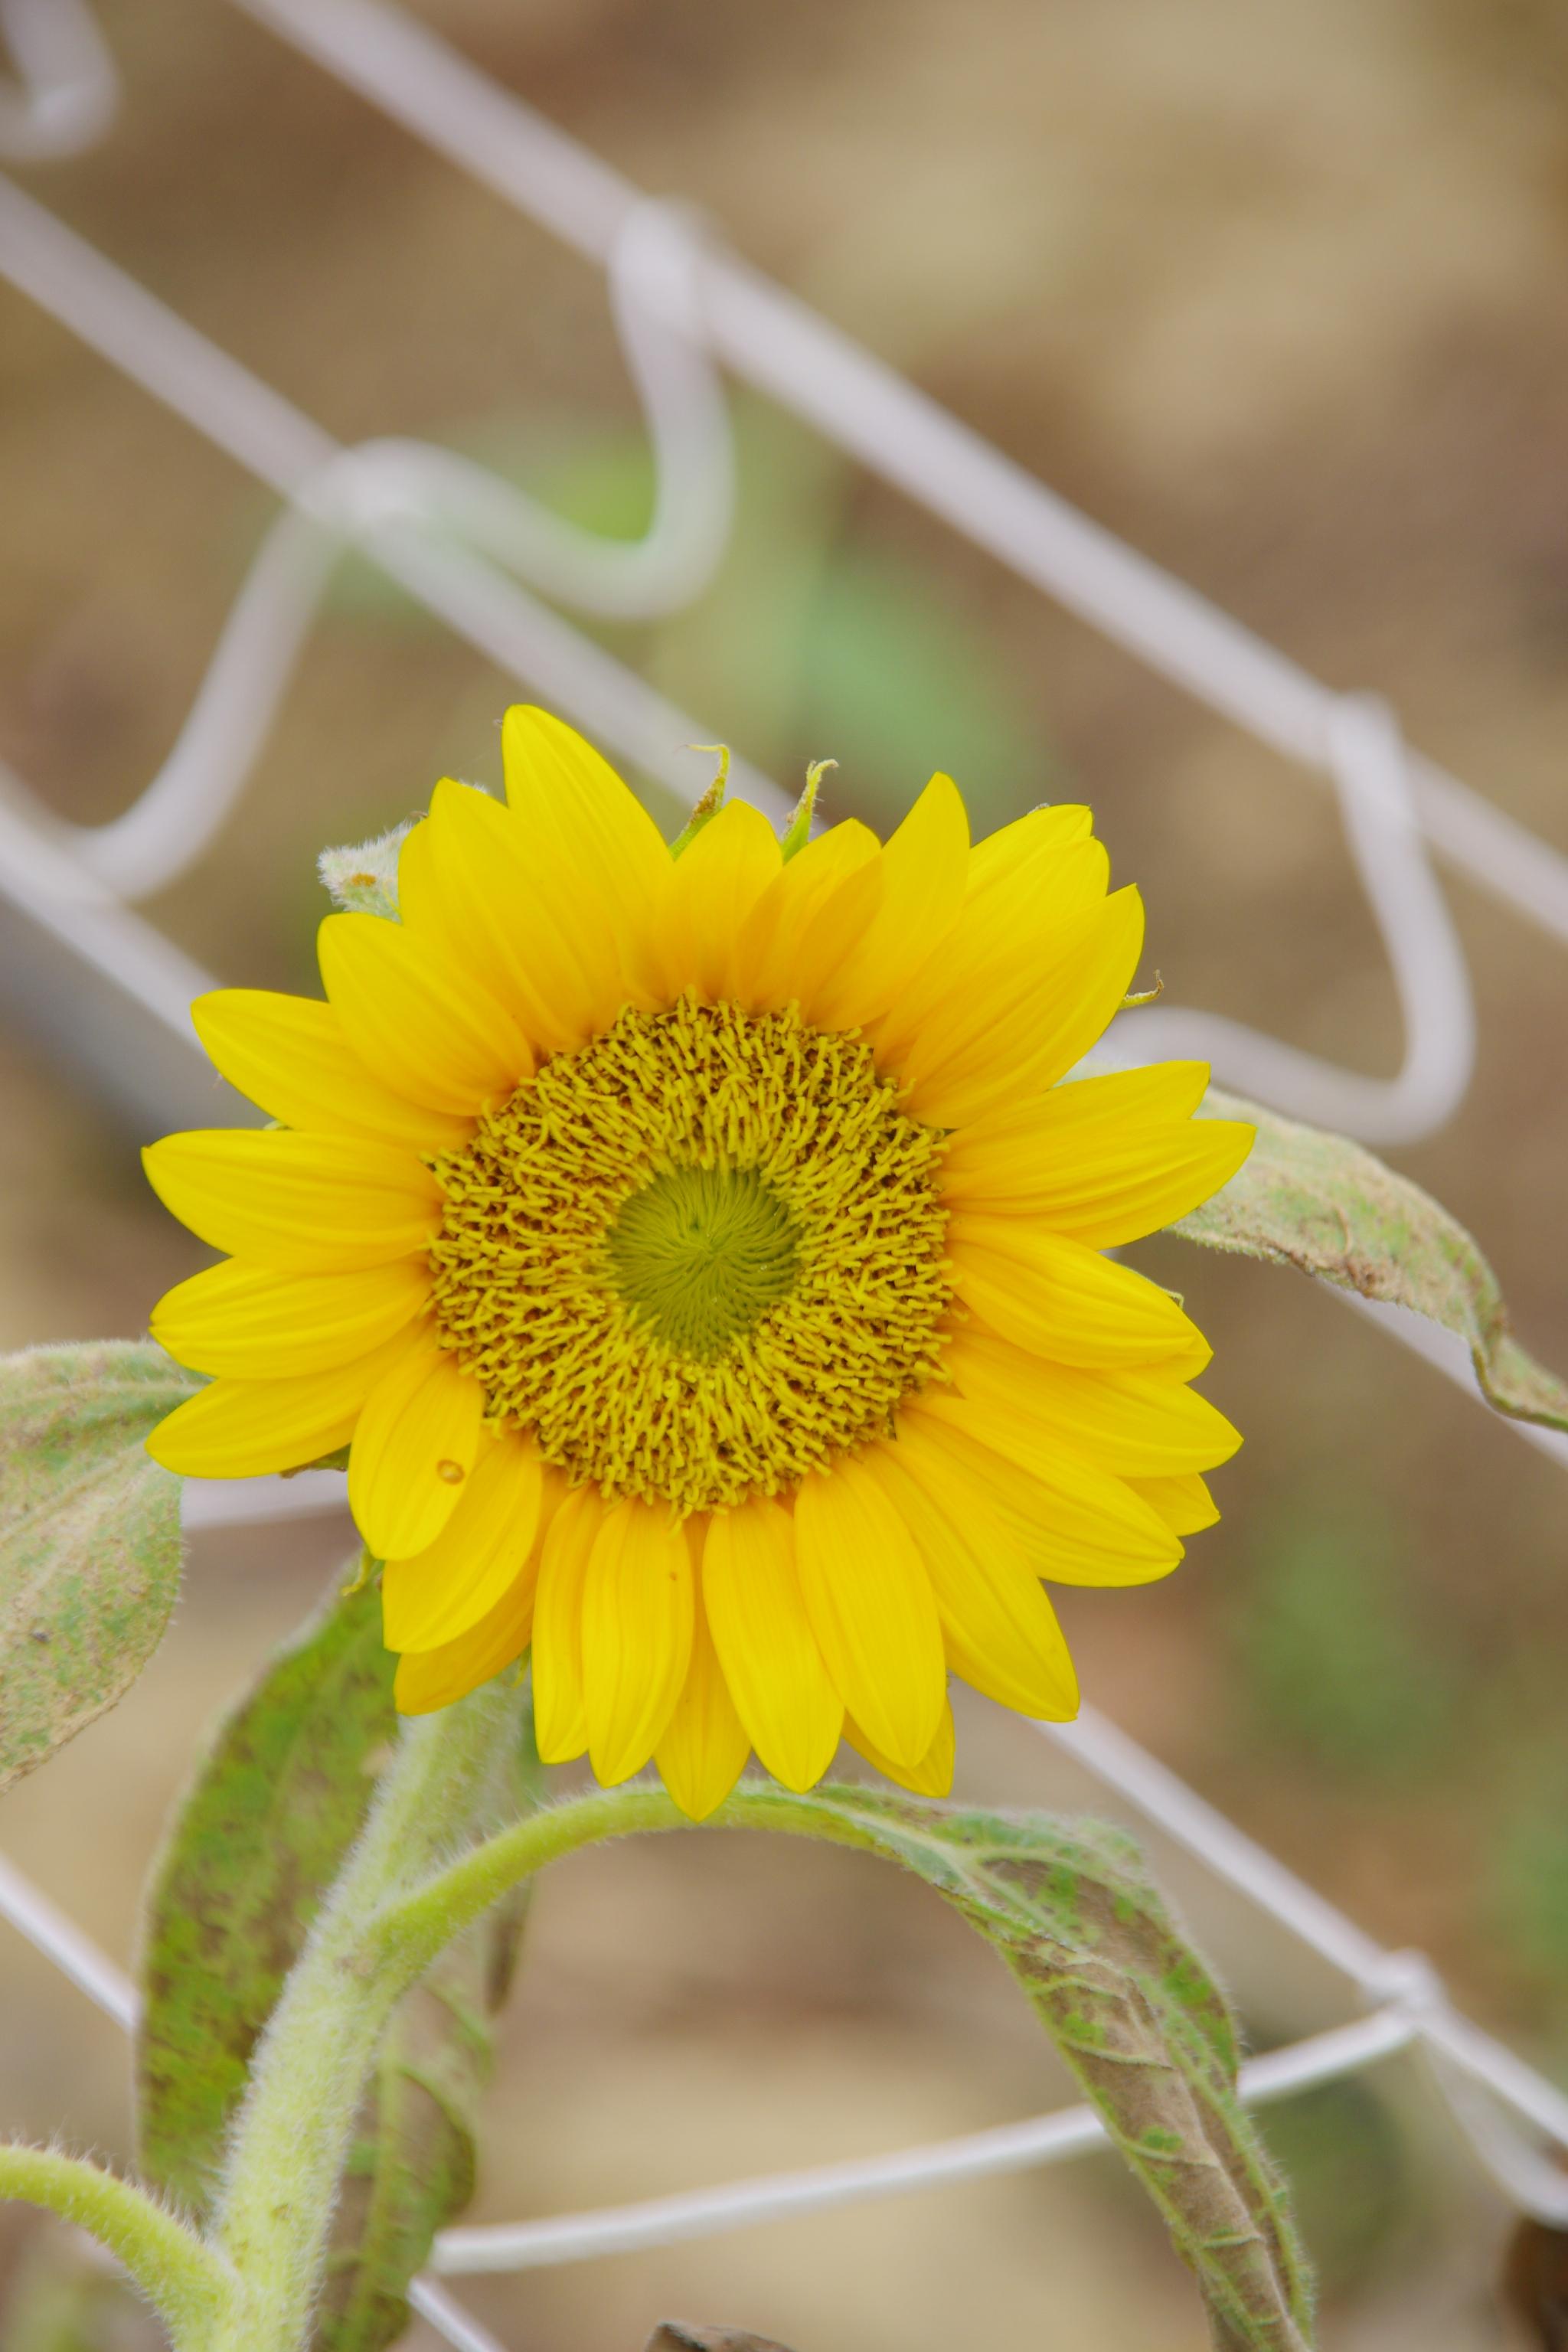 觀音 賞蓮 向日葵 --新手練習貼圖